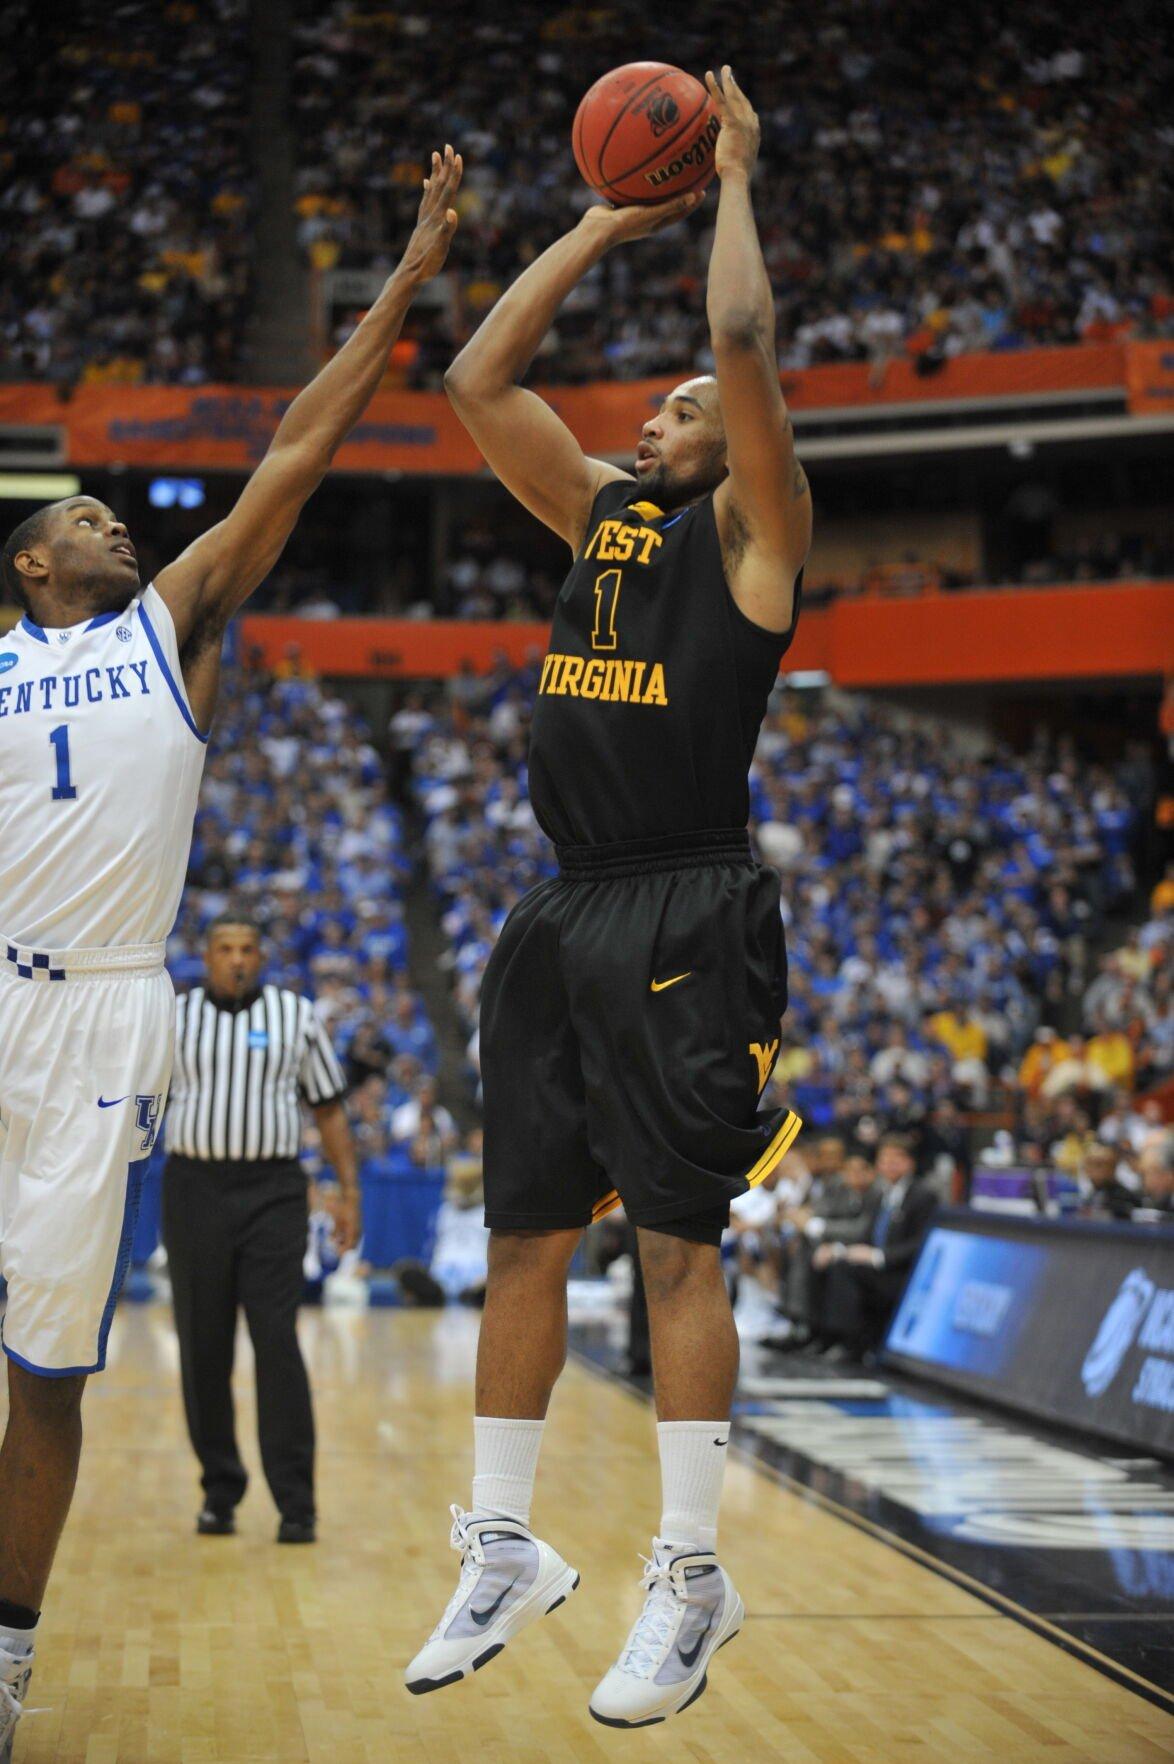 Da'Sean Butler attempts a jump shot against Kentucky.